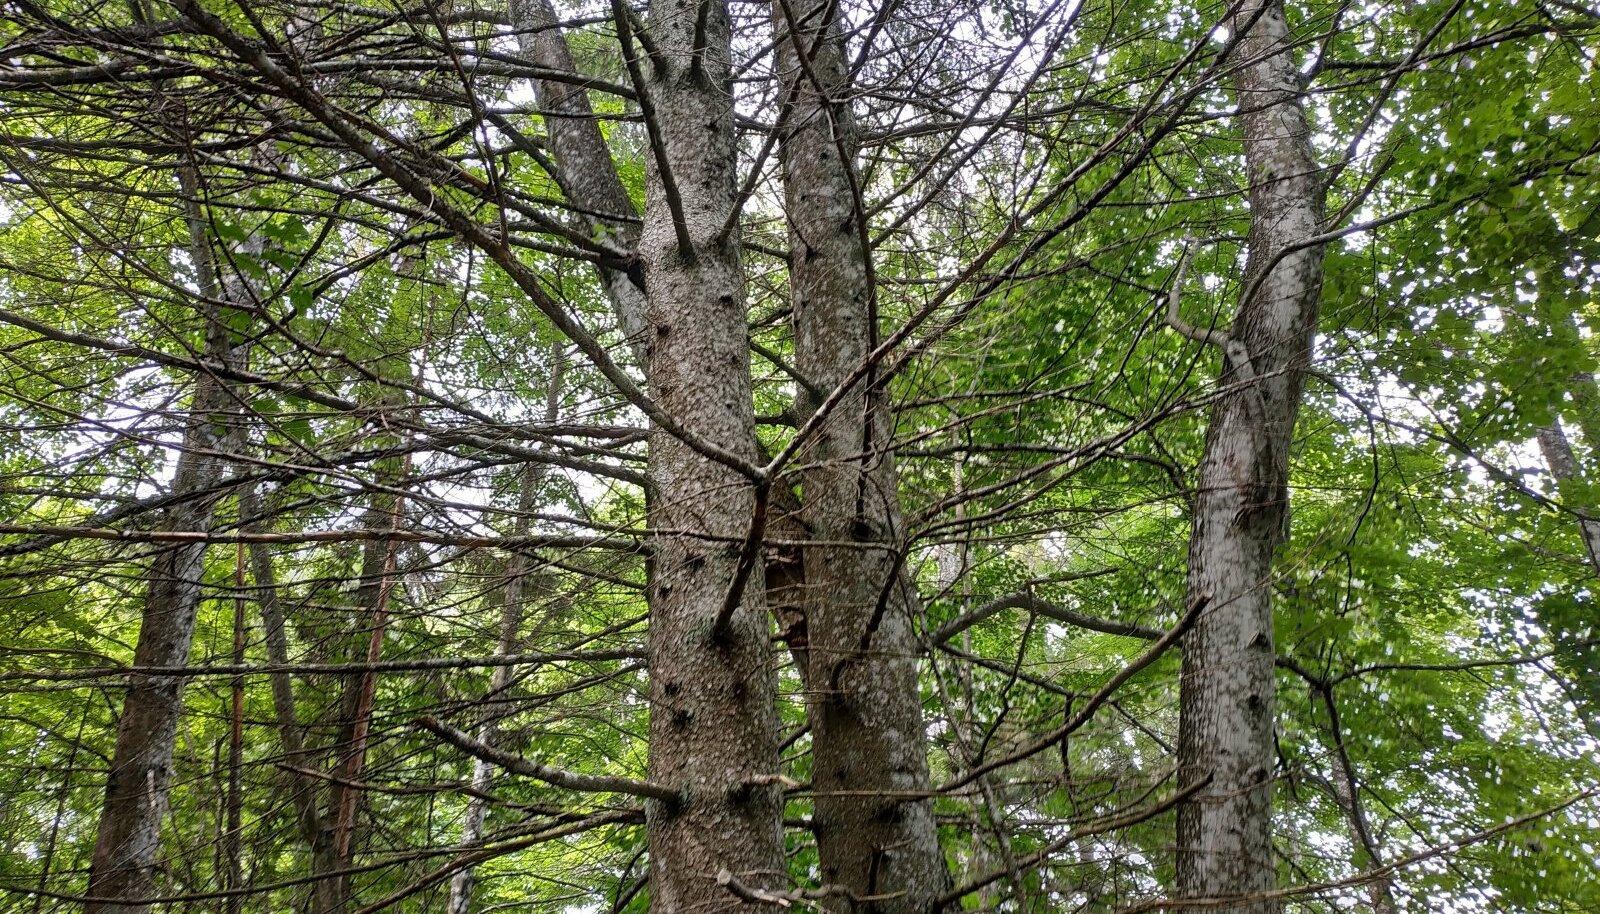 Puitmassi ja tselluloosi tootmine on Eesti puidutööstuses puuduv lüli, millesse peame panustama.